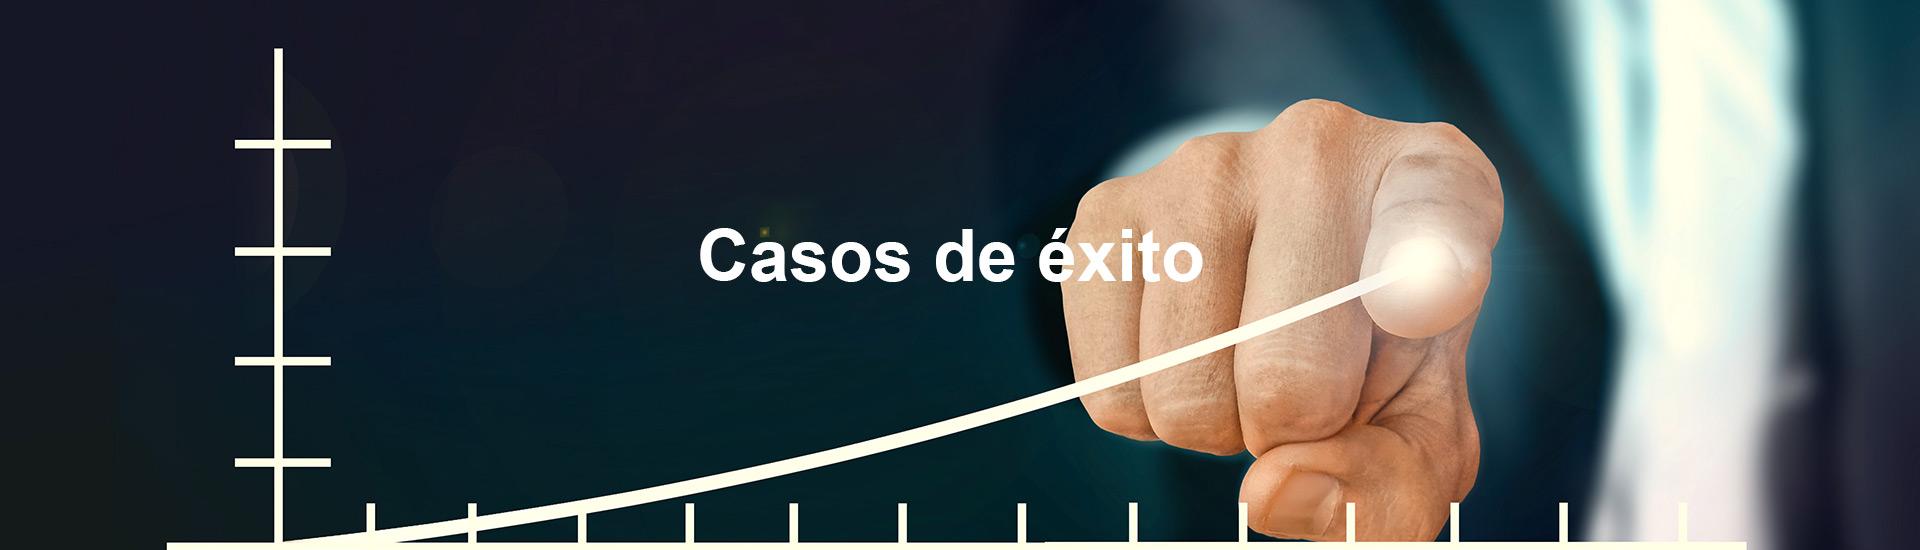 casosdedexito1920